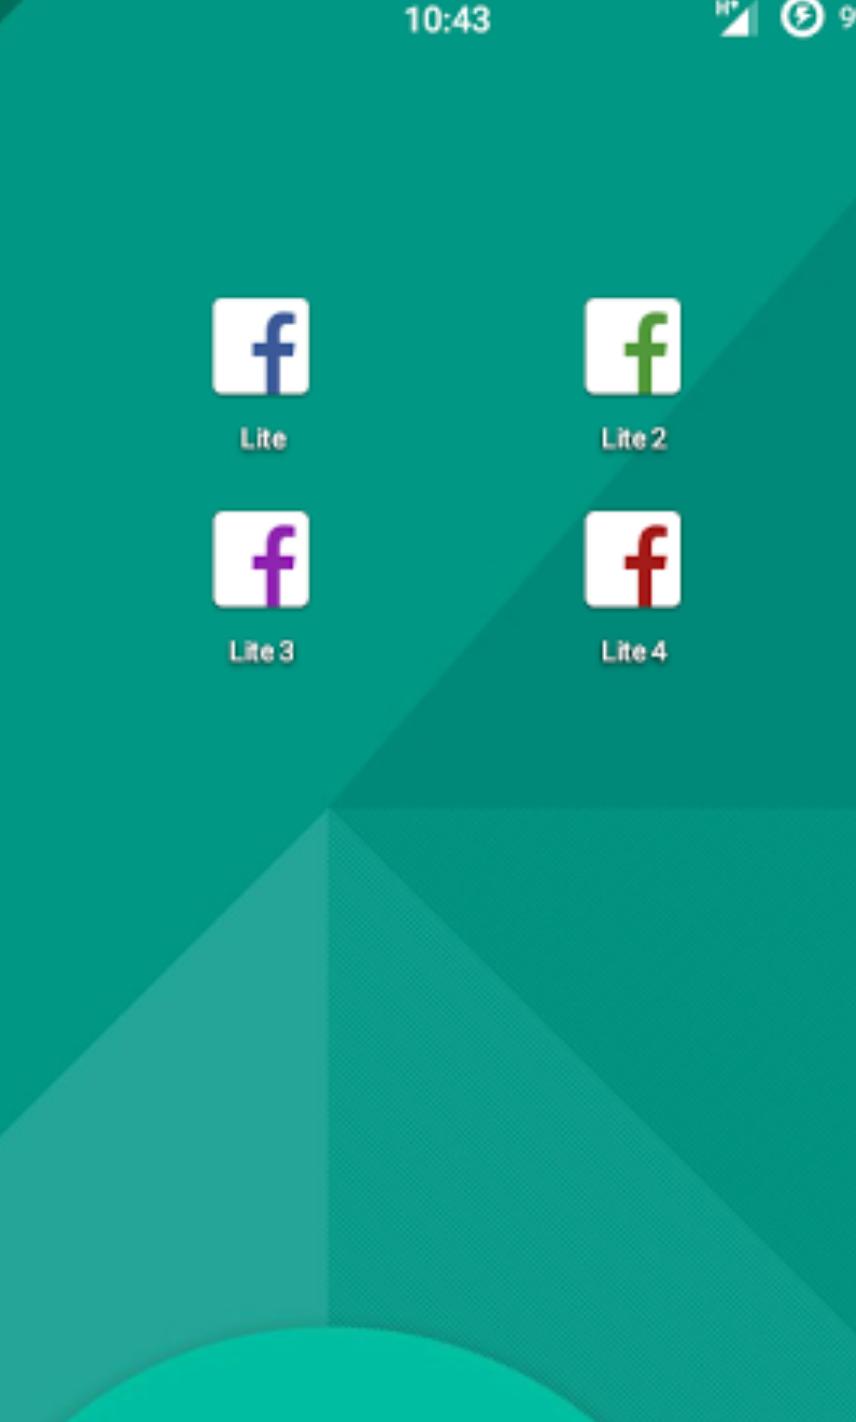 FACEBOOK LITE V29 0 0 1 72 MOD LATEST VERSION [ Four